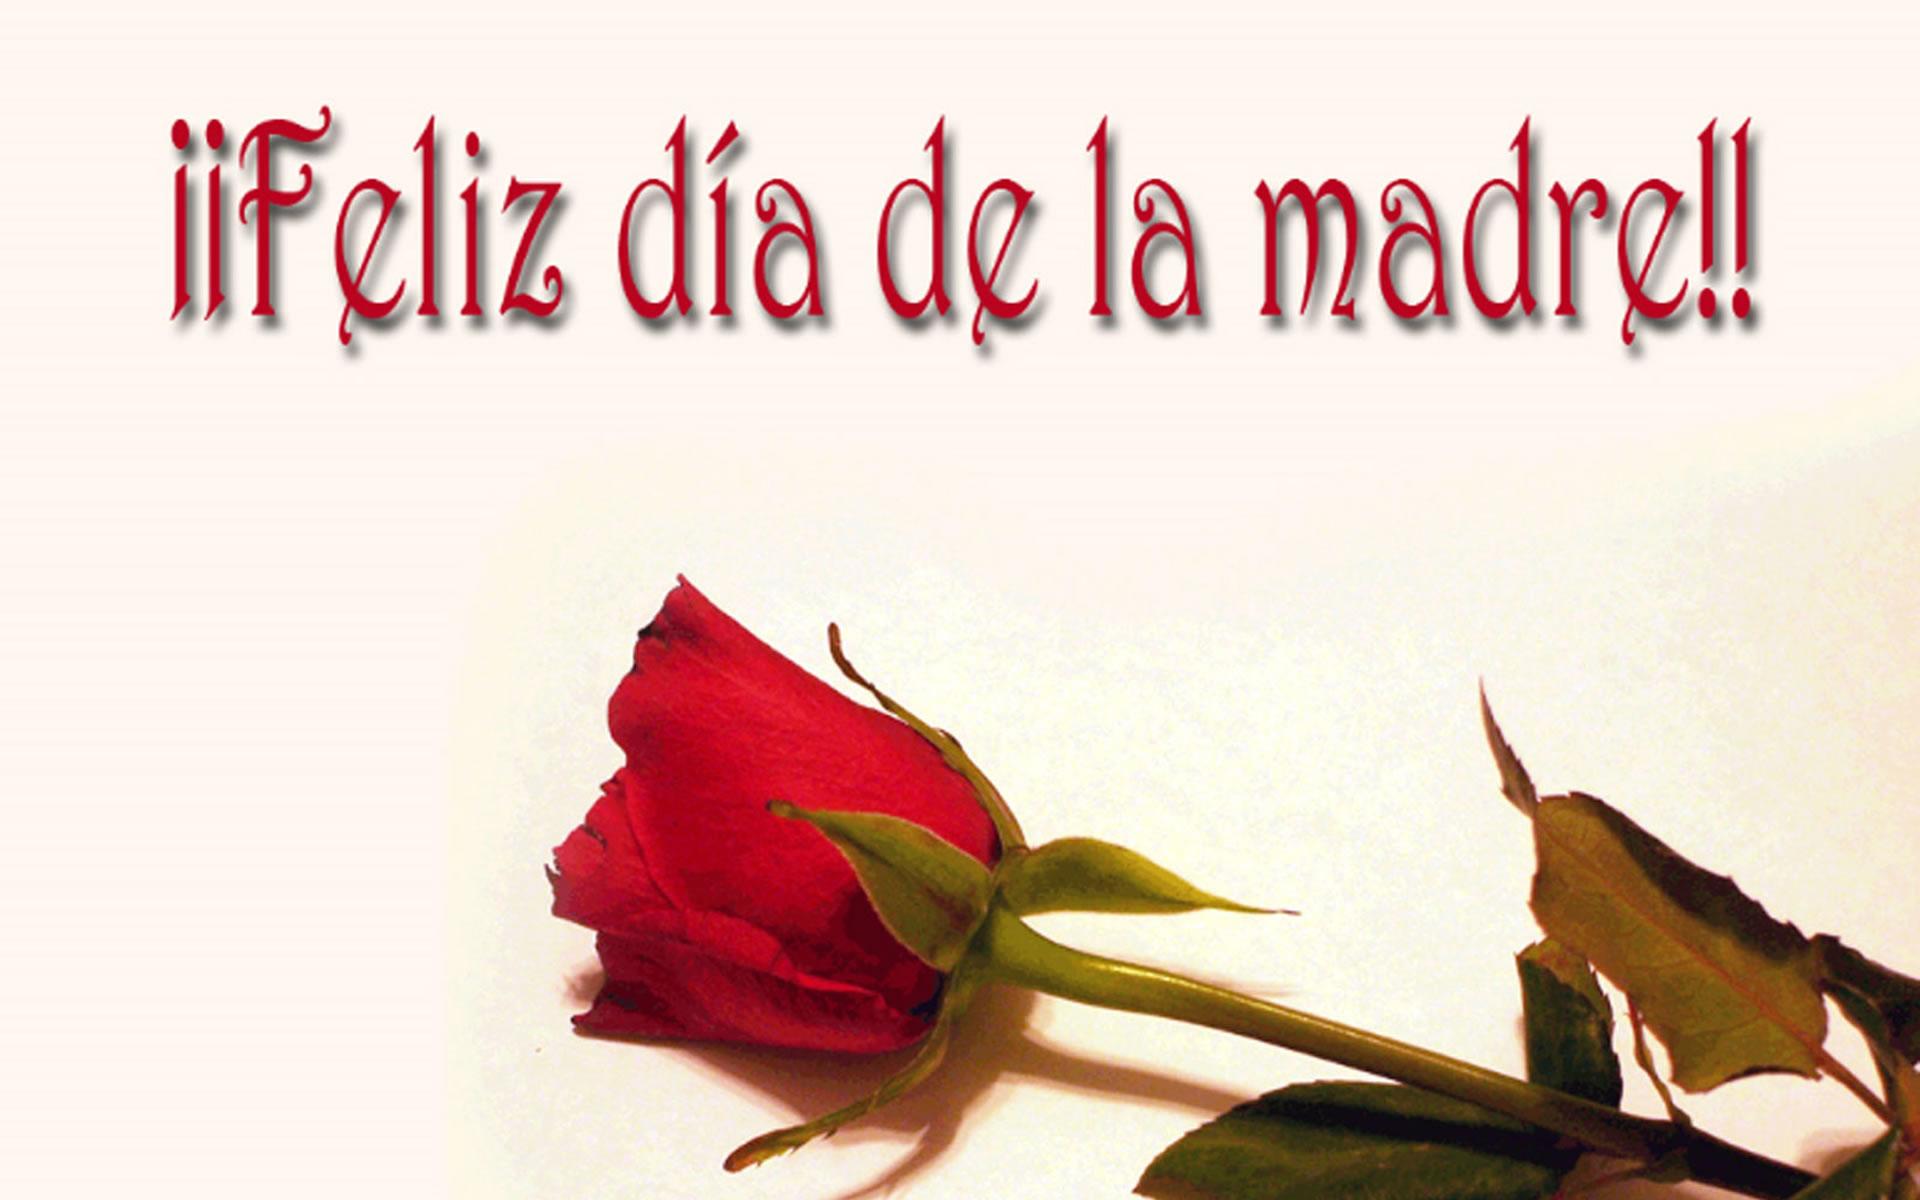 Imagen Feliz Día de la Madre.